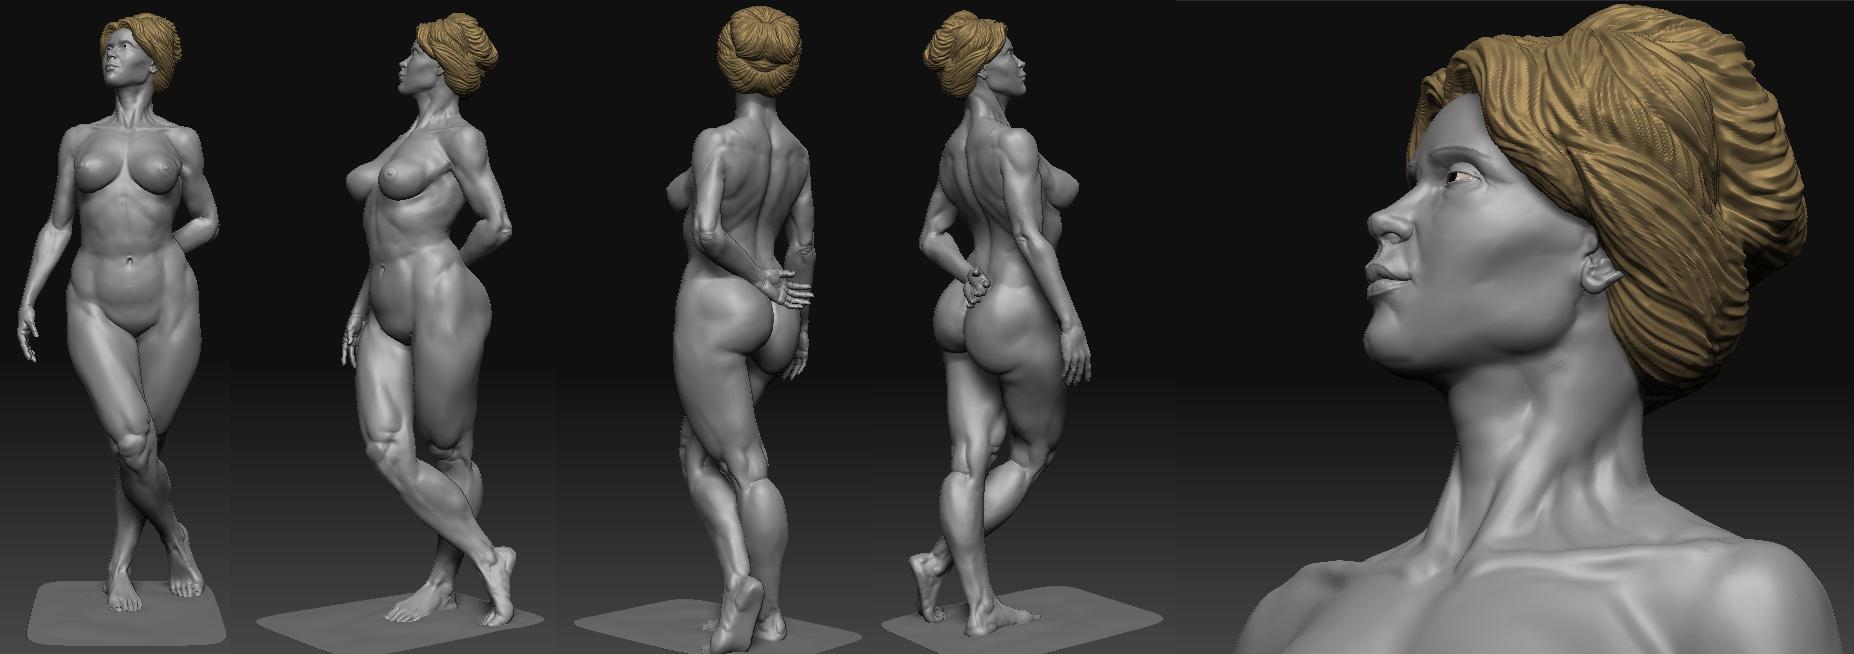 Anatomy Study - Frazetta style!